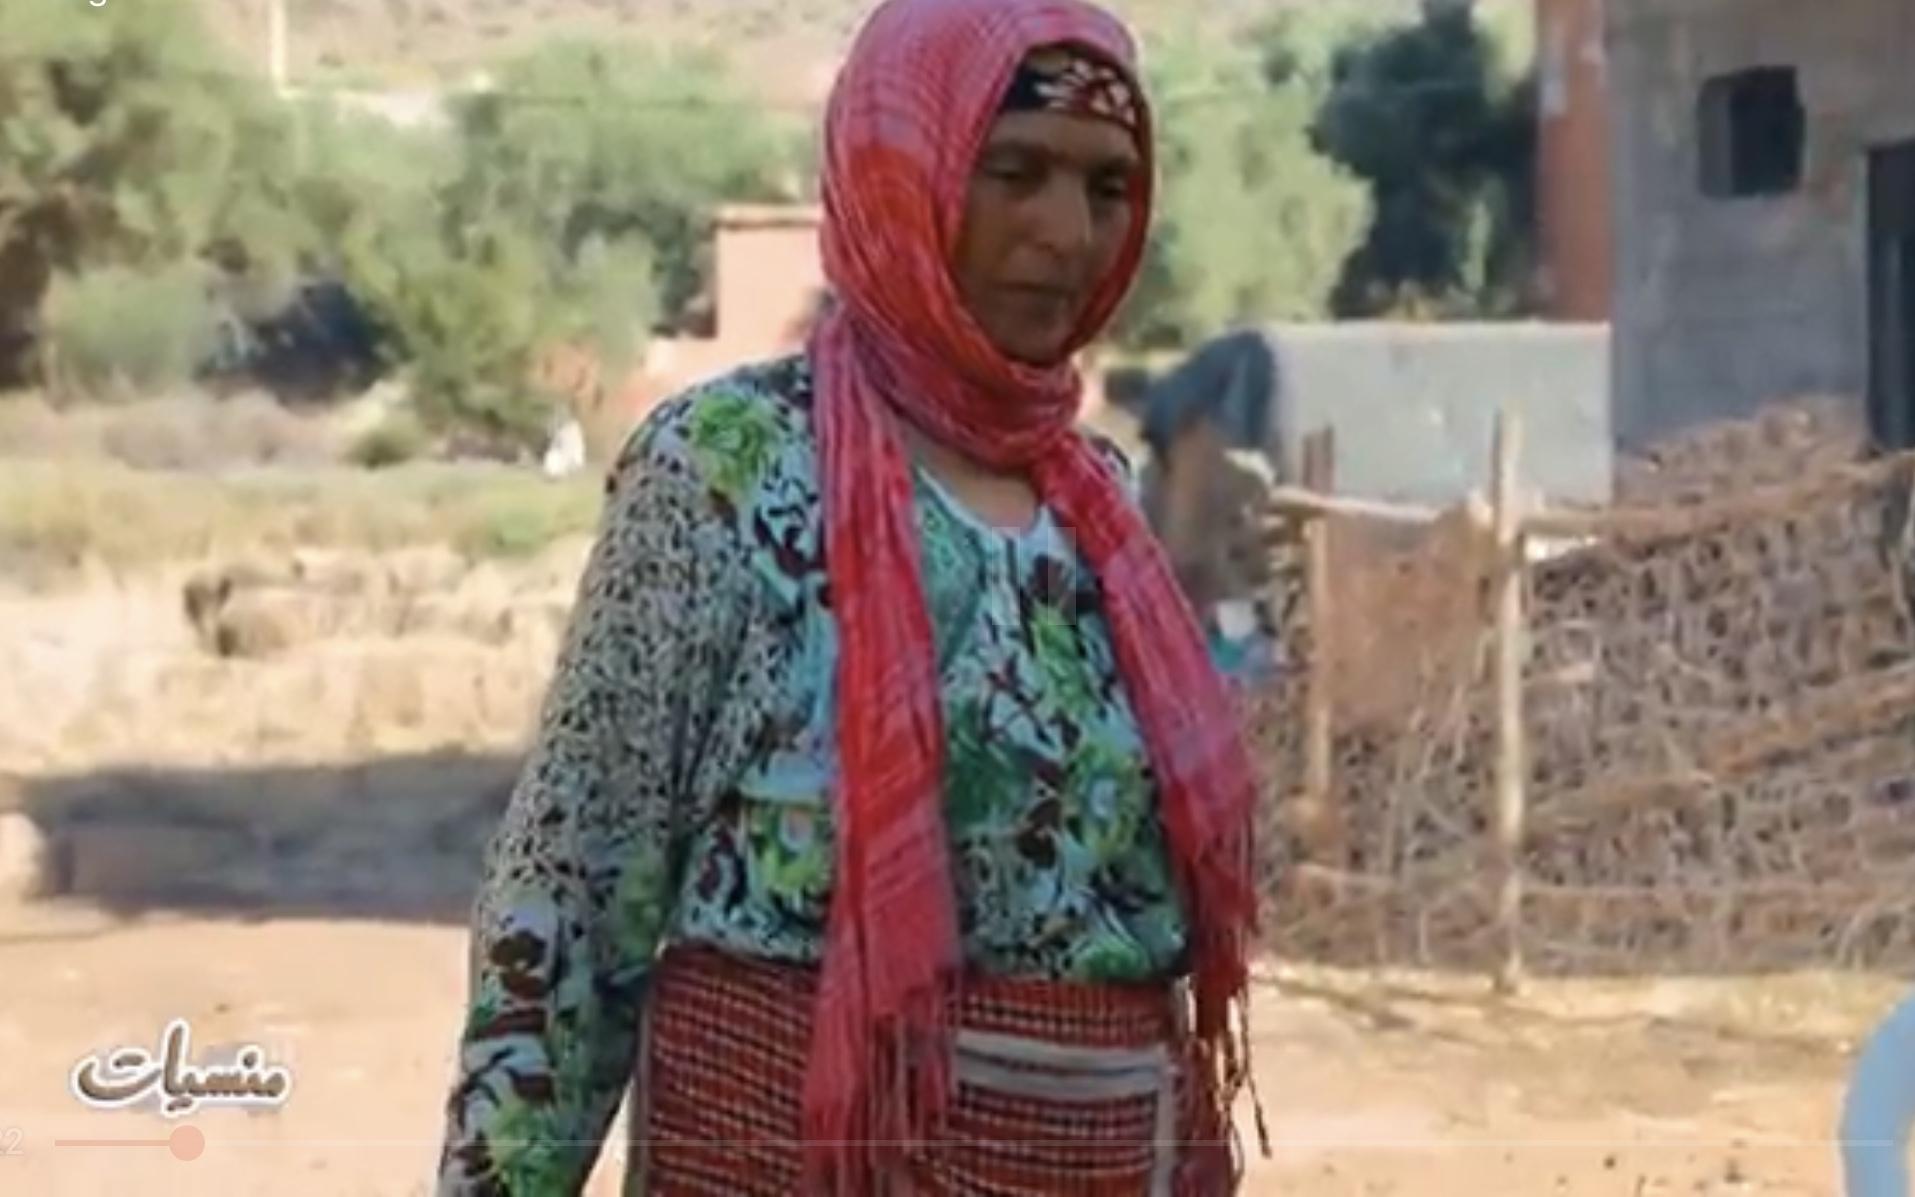 صورة منسيات- خالتي فاطنة.. نموذج المرأة القروية المجدة والمنسية في جبال الأطلس- فيديو